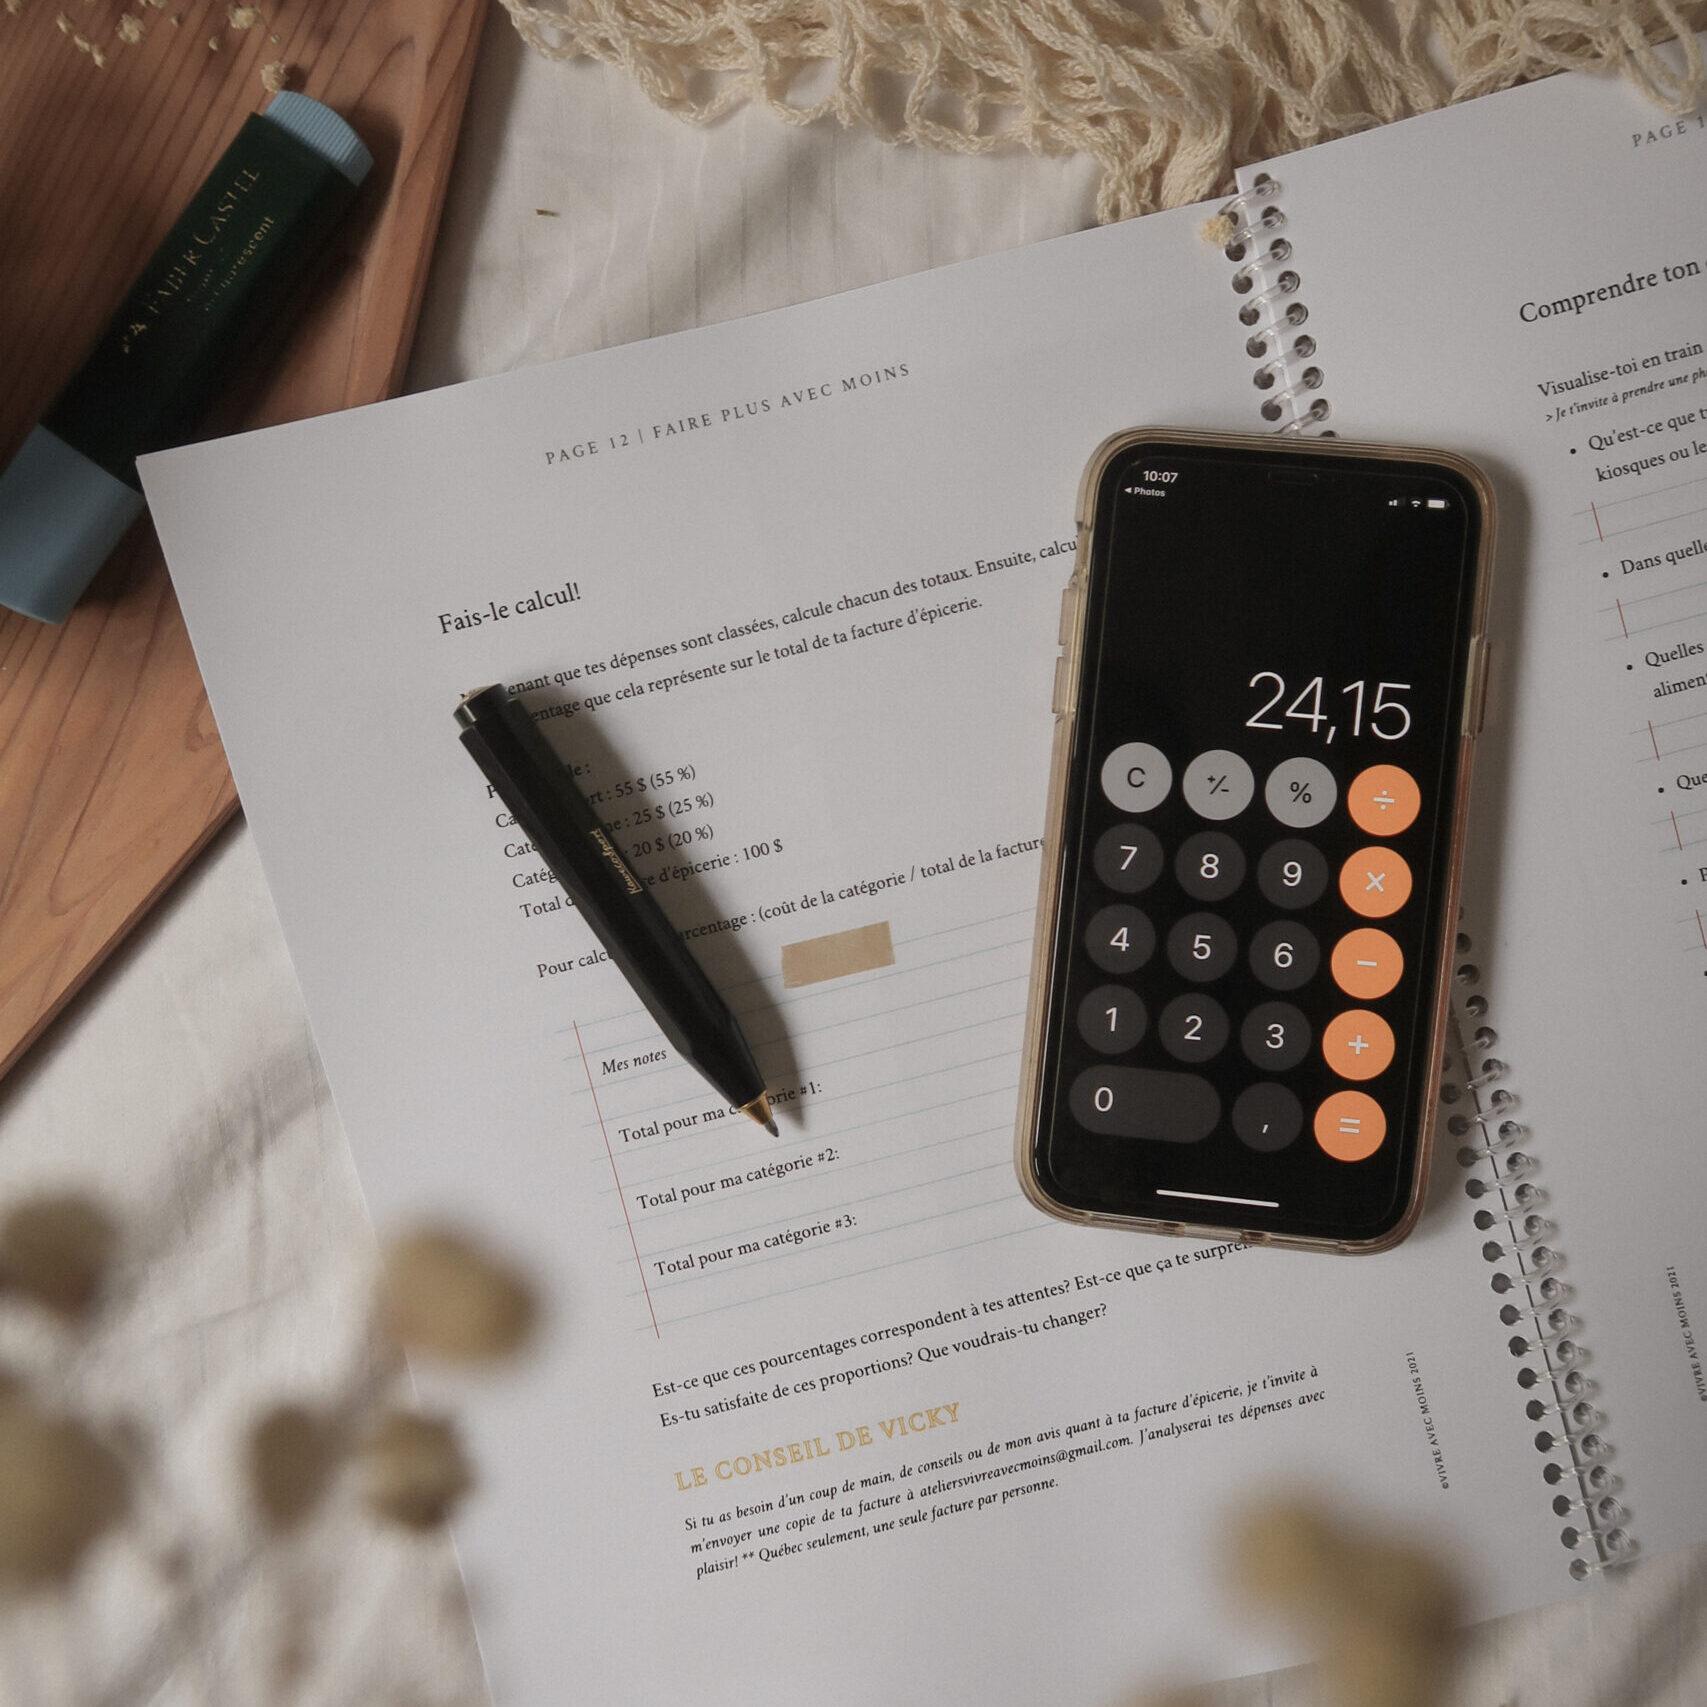 Faire plus avec moins atelier calculatrice